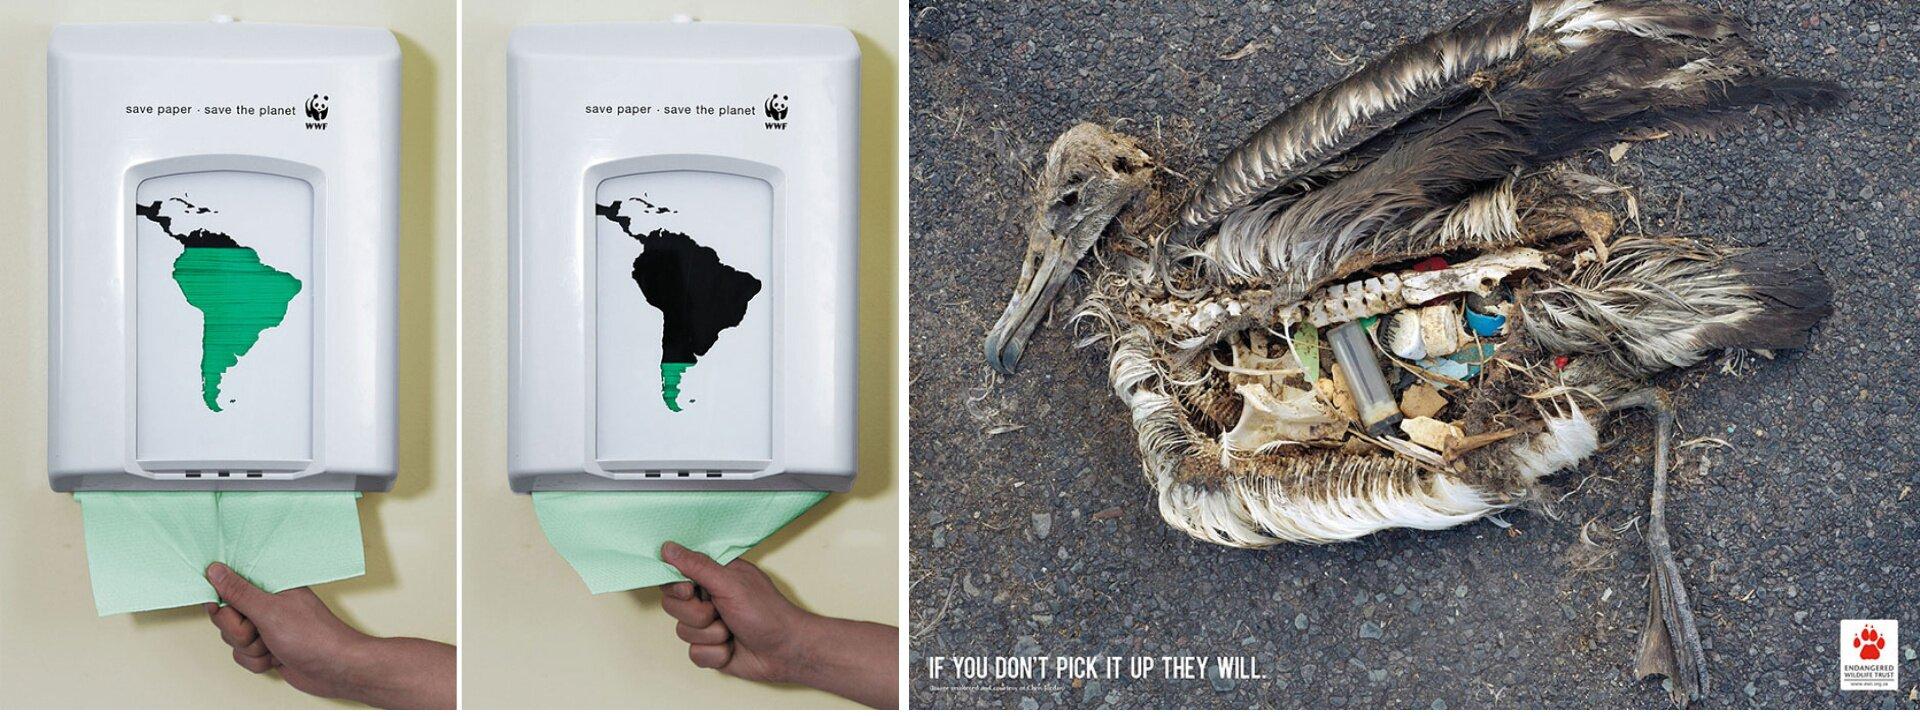 """Reklama społeczna WWF, """"Safe paper, safe the planet"""", Reklama zwracająca uwagę na zanieczyszczenie środowiska: """"If You Don't Pick It Up They Will"""". Składa się ztrzech obrazków. Na pierwszycg dwóch przedstawiony jest pojemnik na papier. Na pojemniku narysowana jest Ameryka Południowa, na pierwszym obrazku wkolorze zielonym, na drugim obrazku wkolorze czarnym - tylko południowa niewielka część kontynentu jest zielona. Trzeci obrazek przedstawia uschnięte ciało kaczki, która wswoich wnętrznościach ma zapalniczkę, plastikowe korki od butelek."""